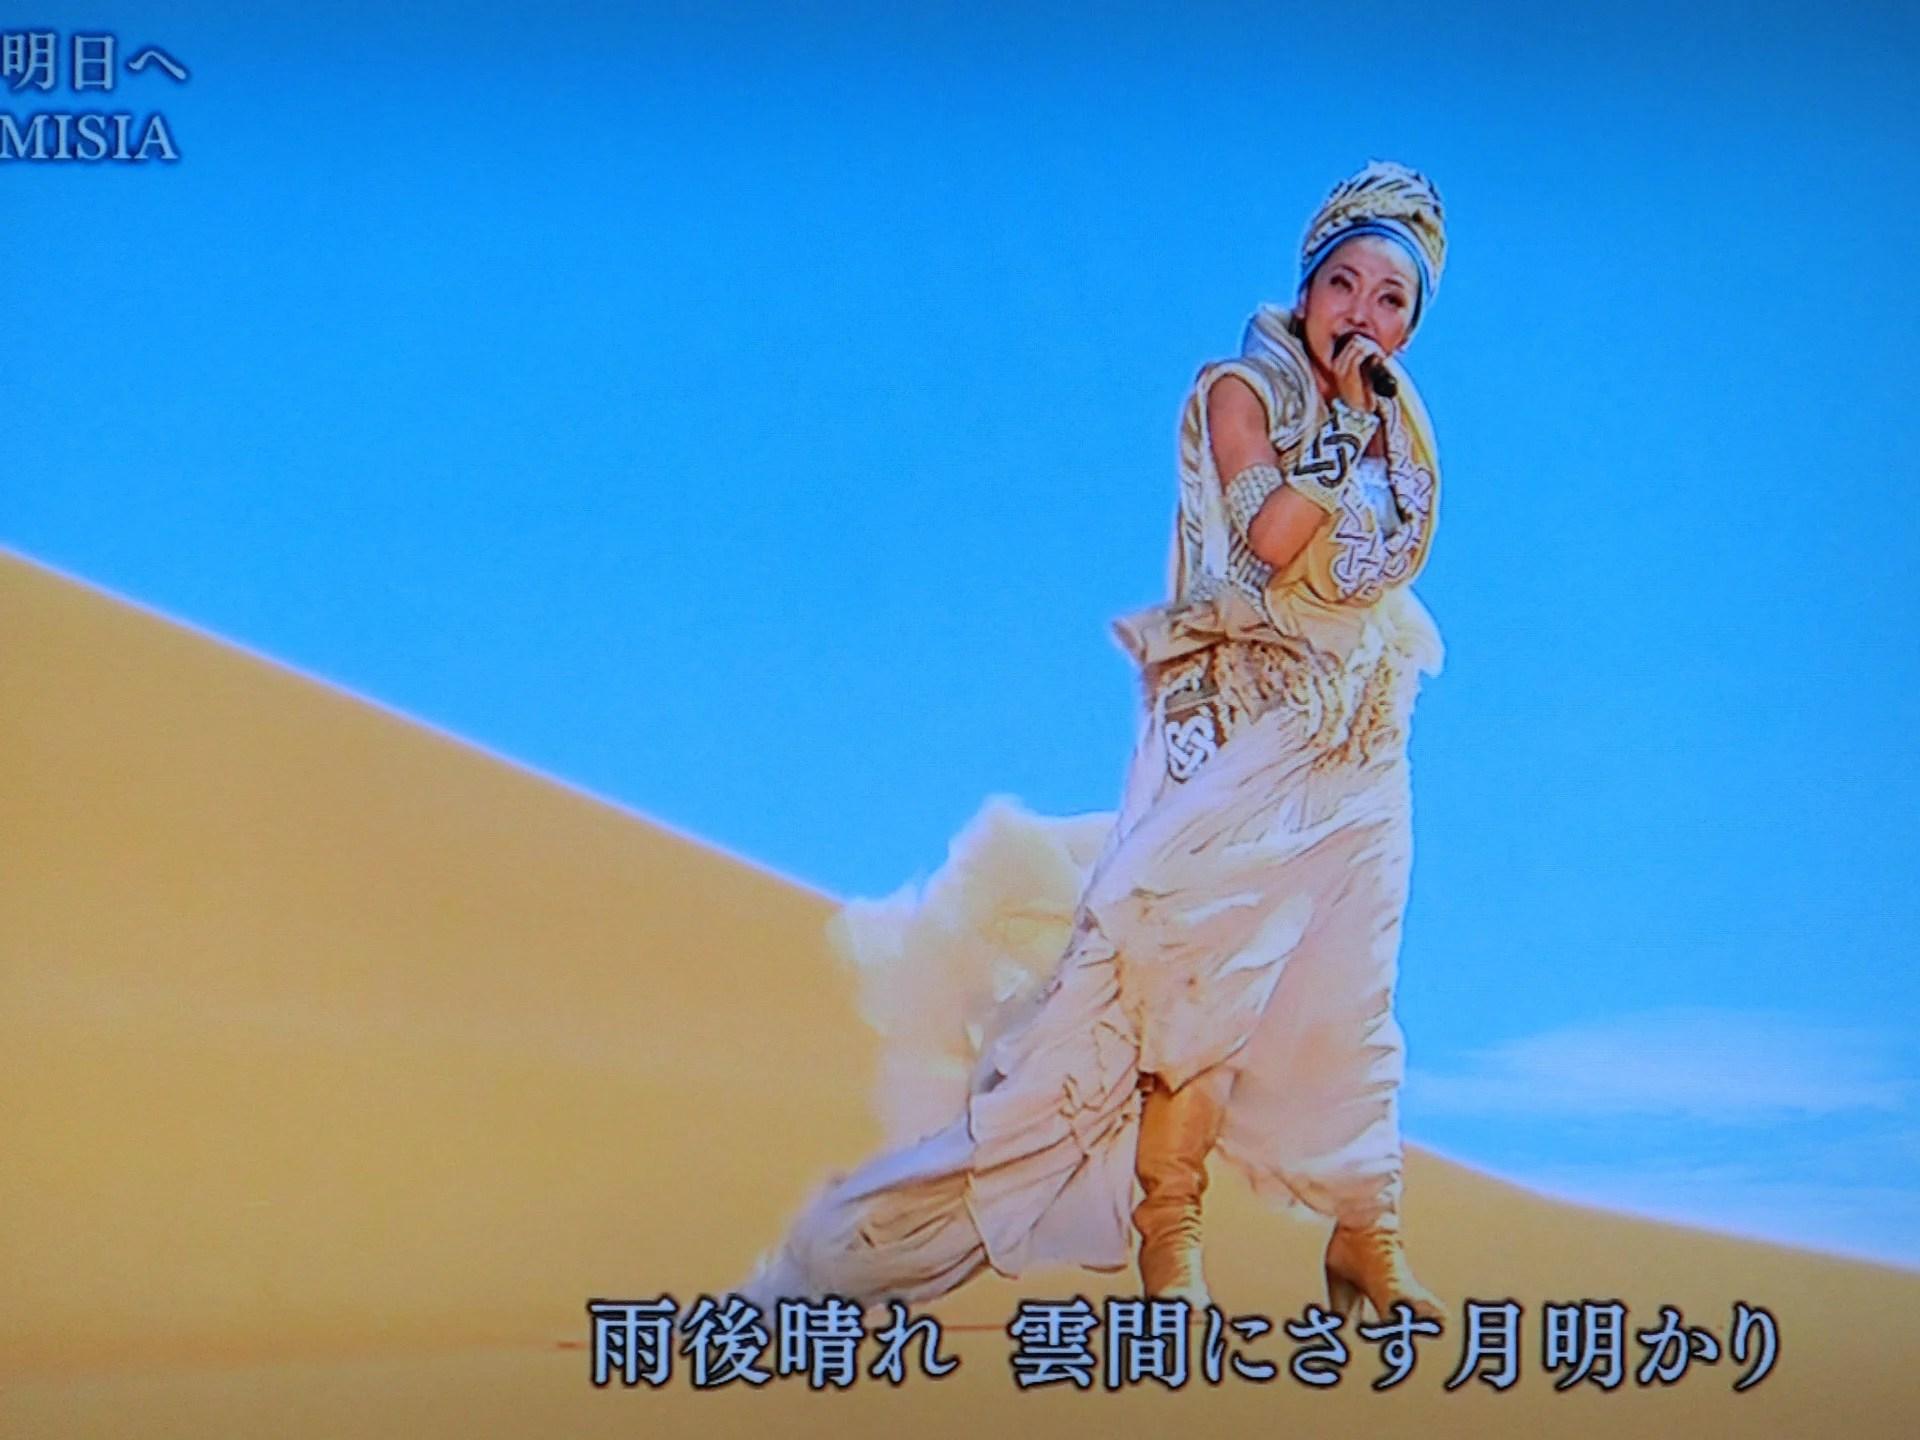 NHK「紅白歌合戦」視聴 その④ - 碓井広義ブログ